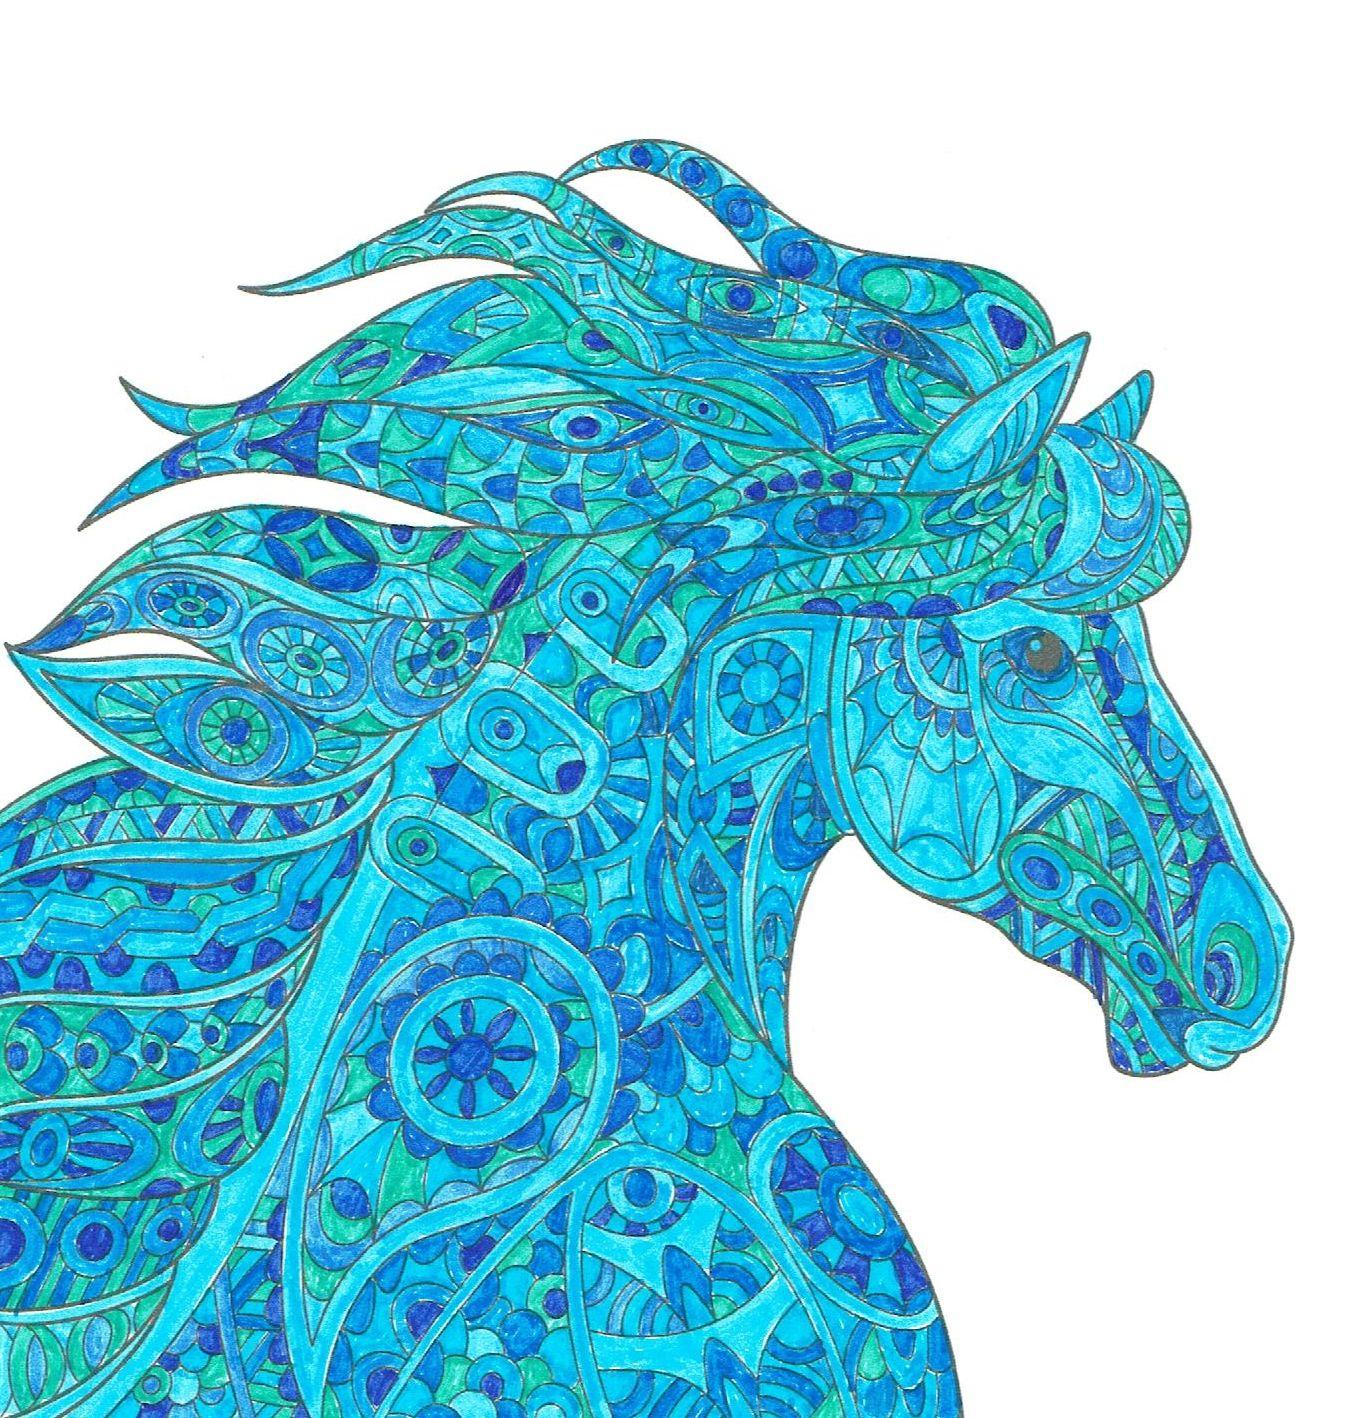 Ausmalbücher für Erwachsene: Pferde zum Ausmalen und Relaxen